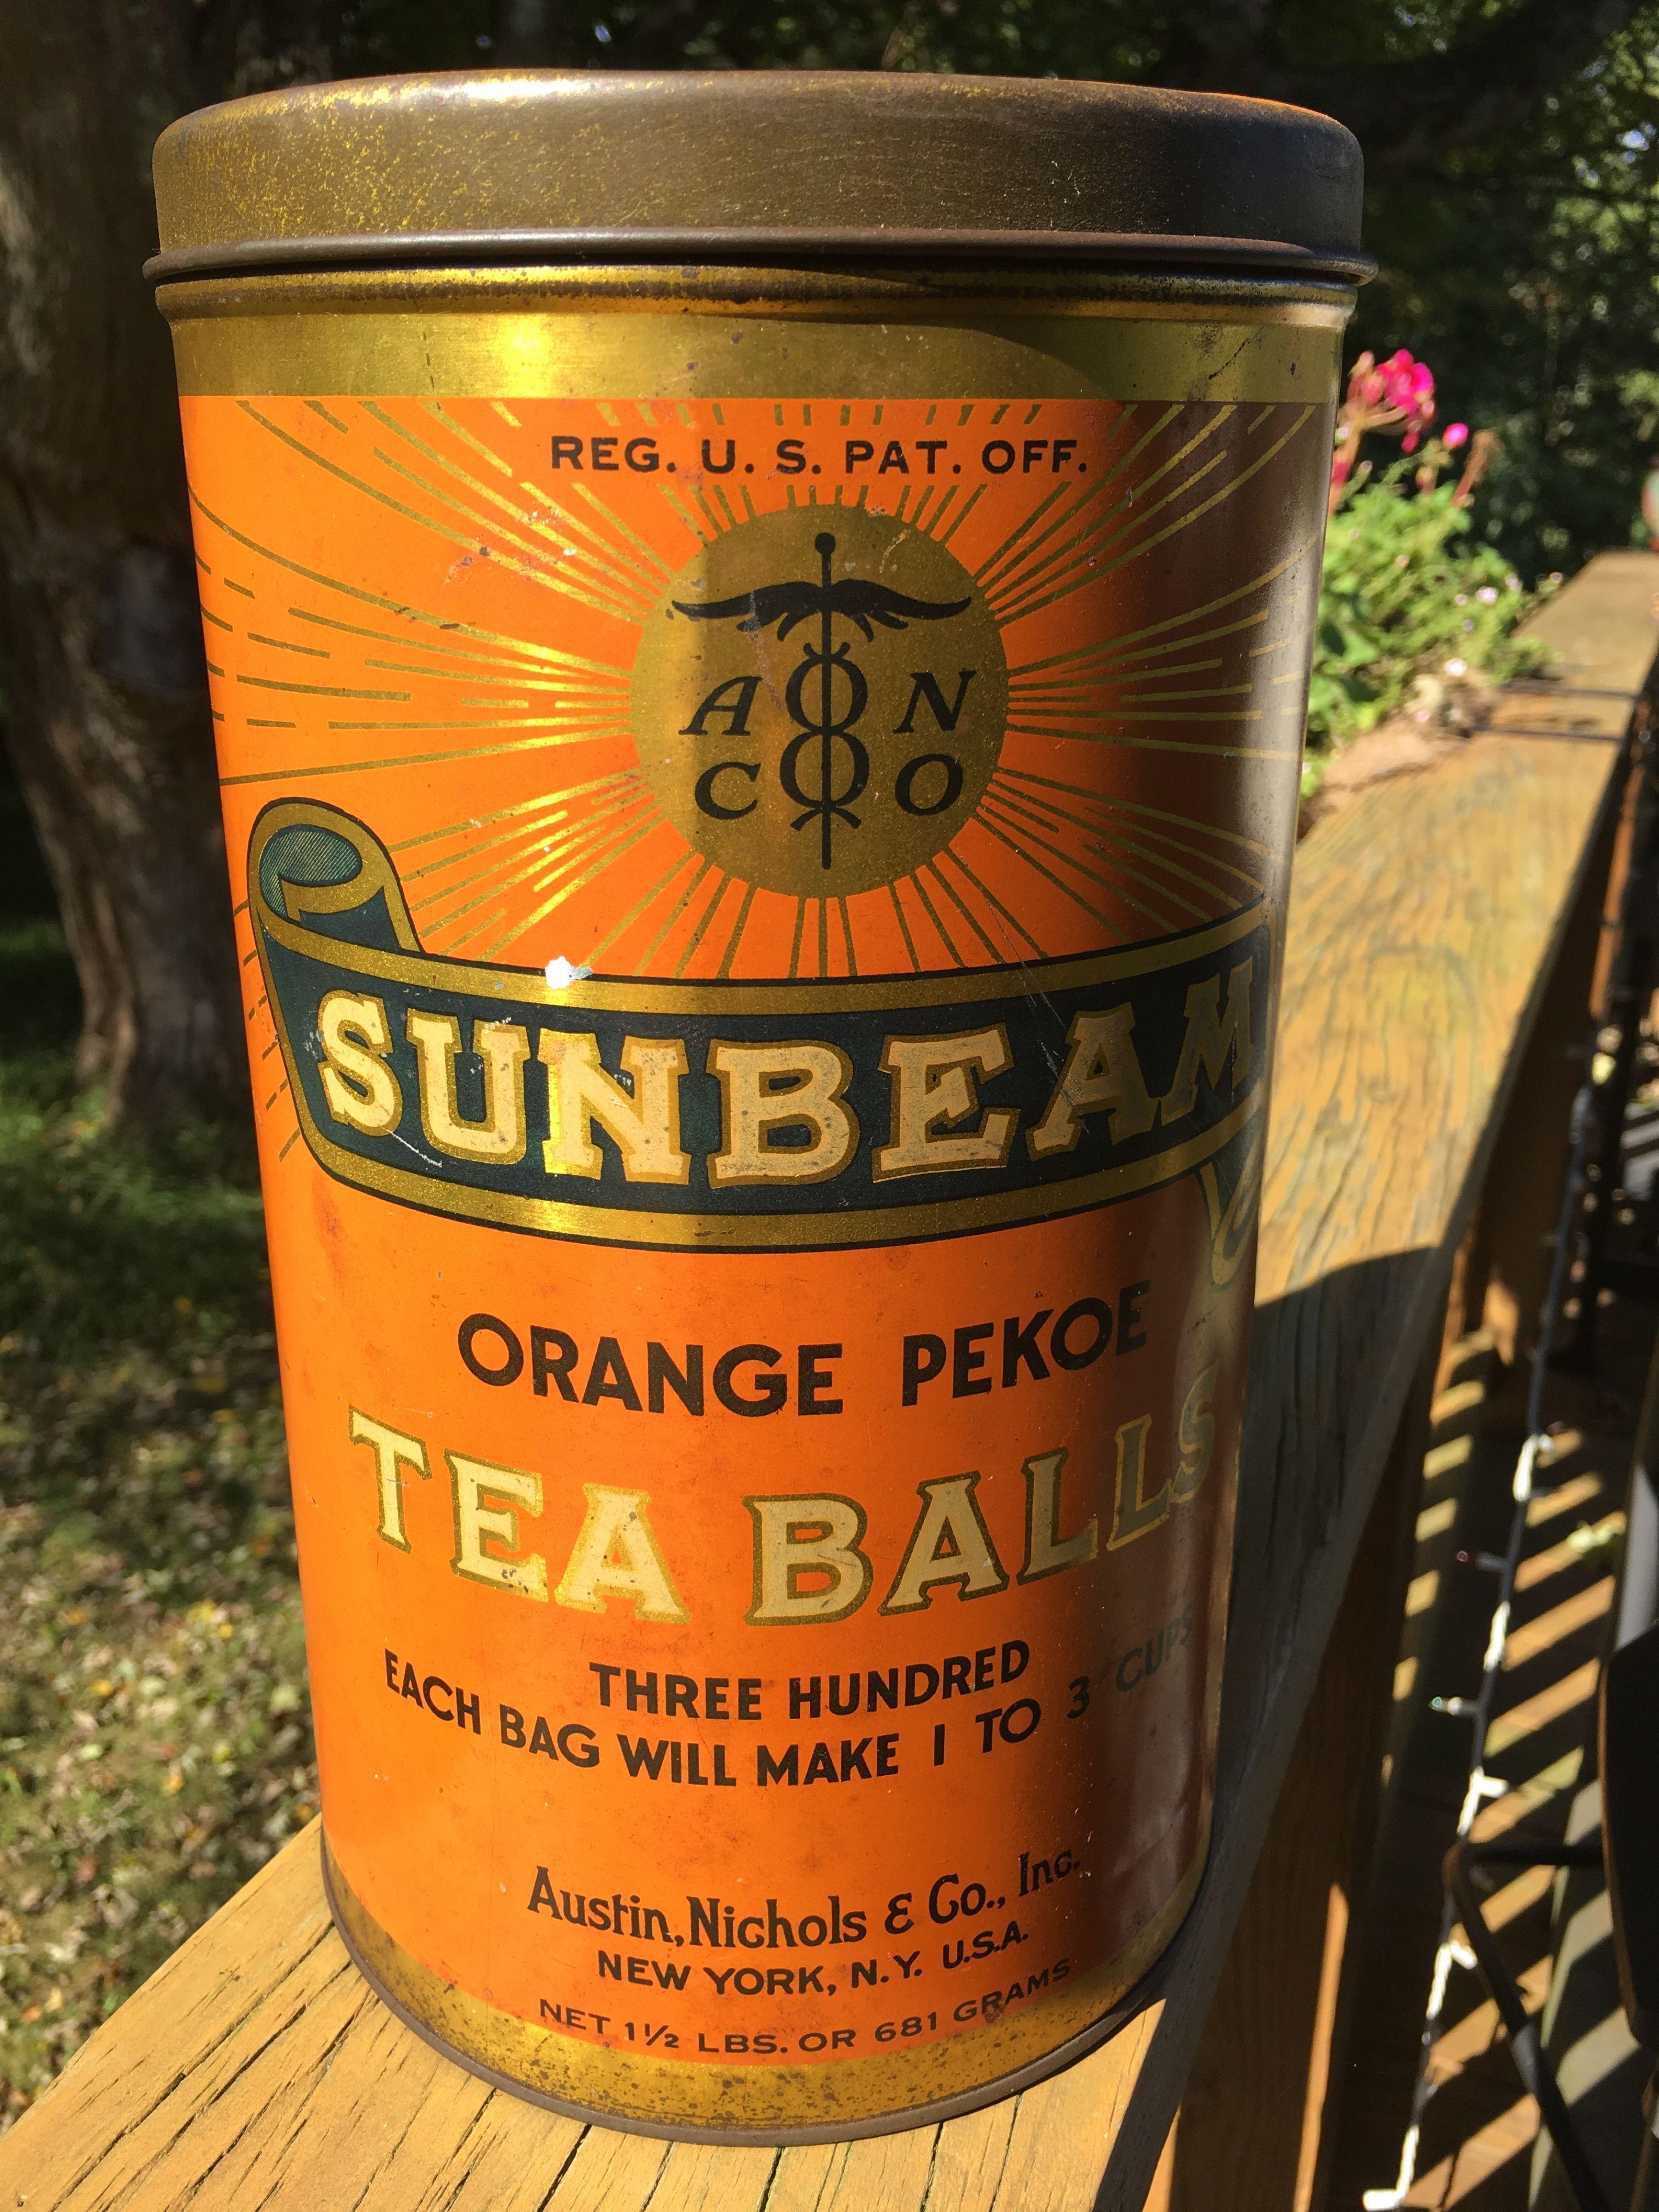 Sunbeam Orange Pekoe Tea Balls Orange Pekoe Tea Vintage Tea Tins Tea Tins